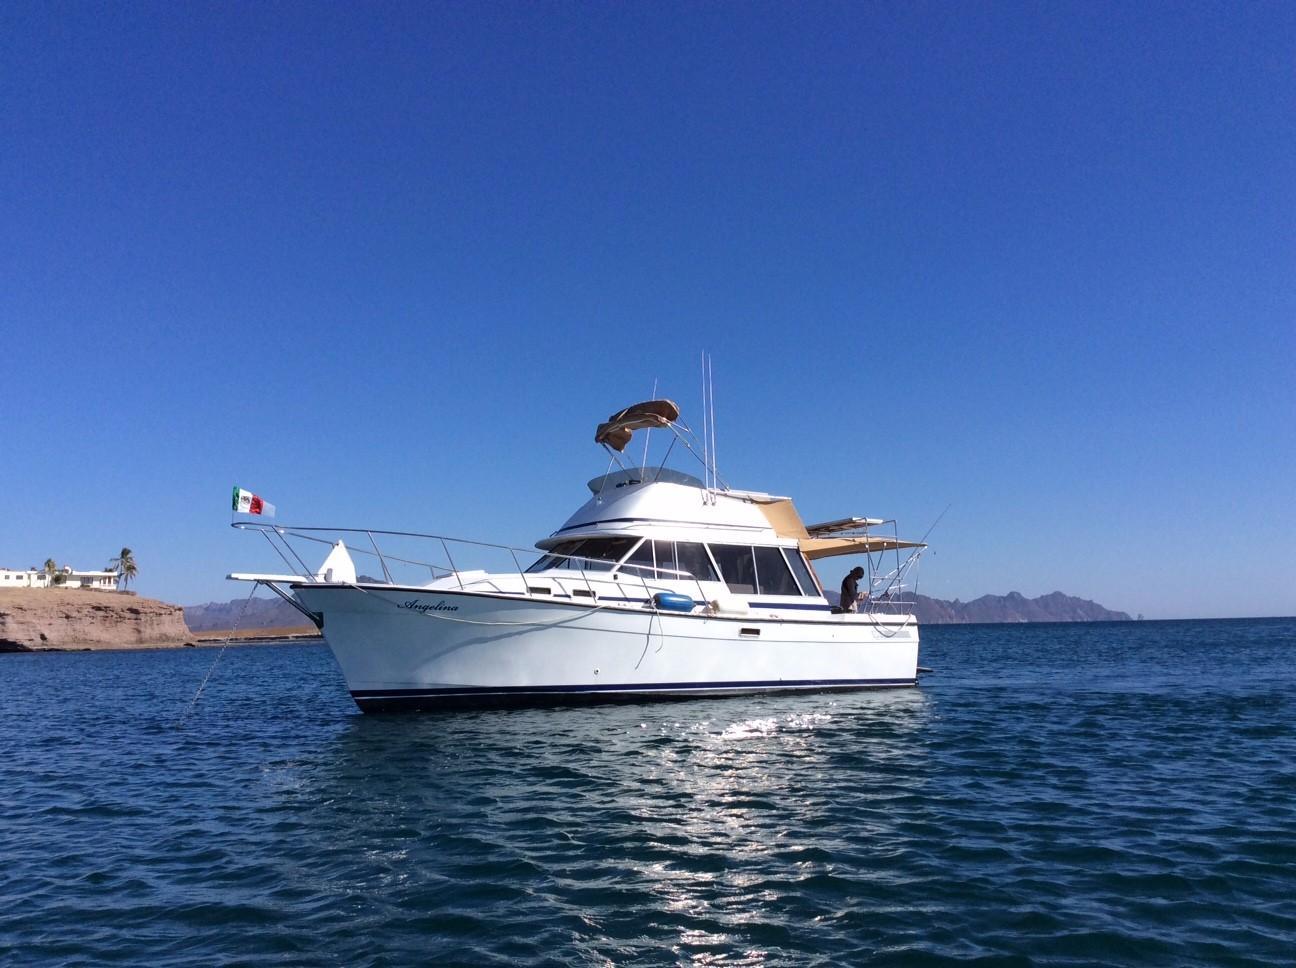 32' Bayliner Sedan+Boat for sale!